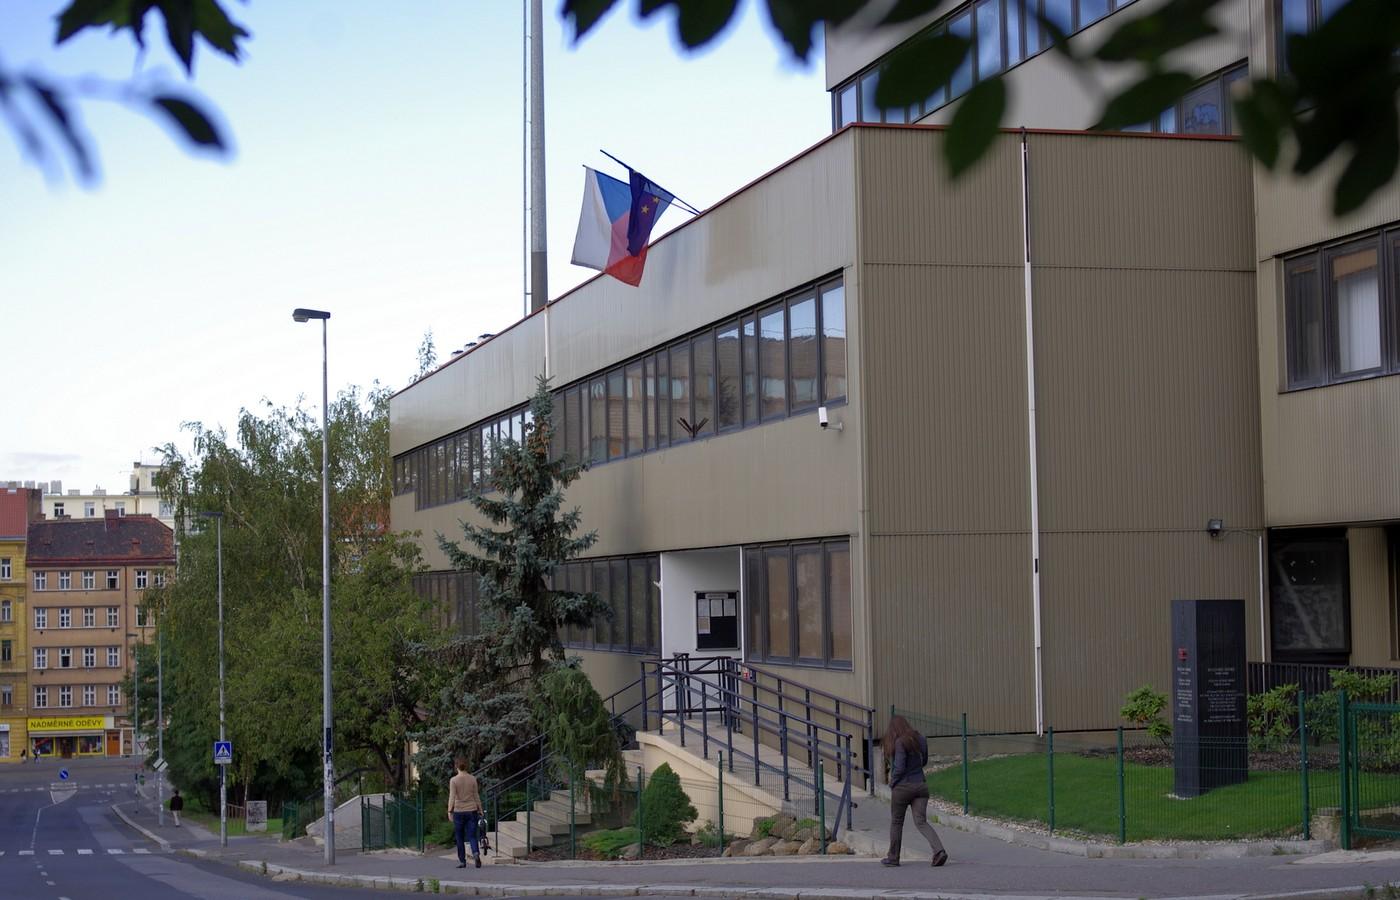 Budova Ústavu pro studium totalitních režimů byla v roce 1972 postavena jako moderní sídlo Ústřední technické základny